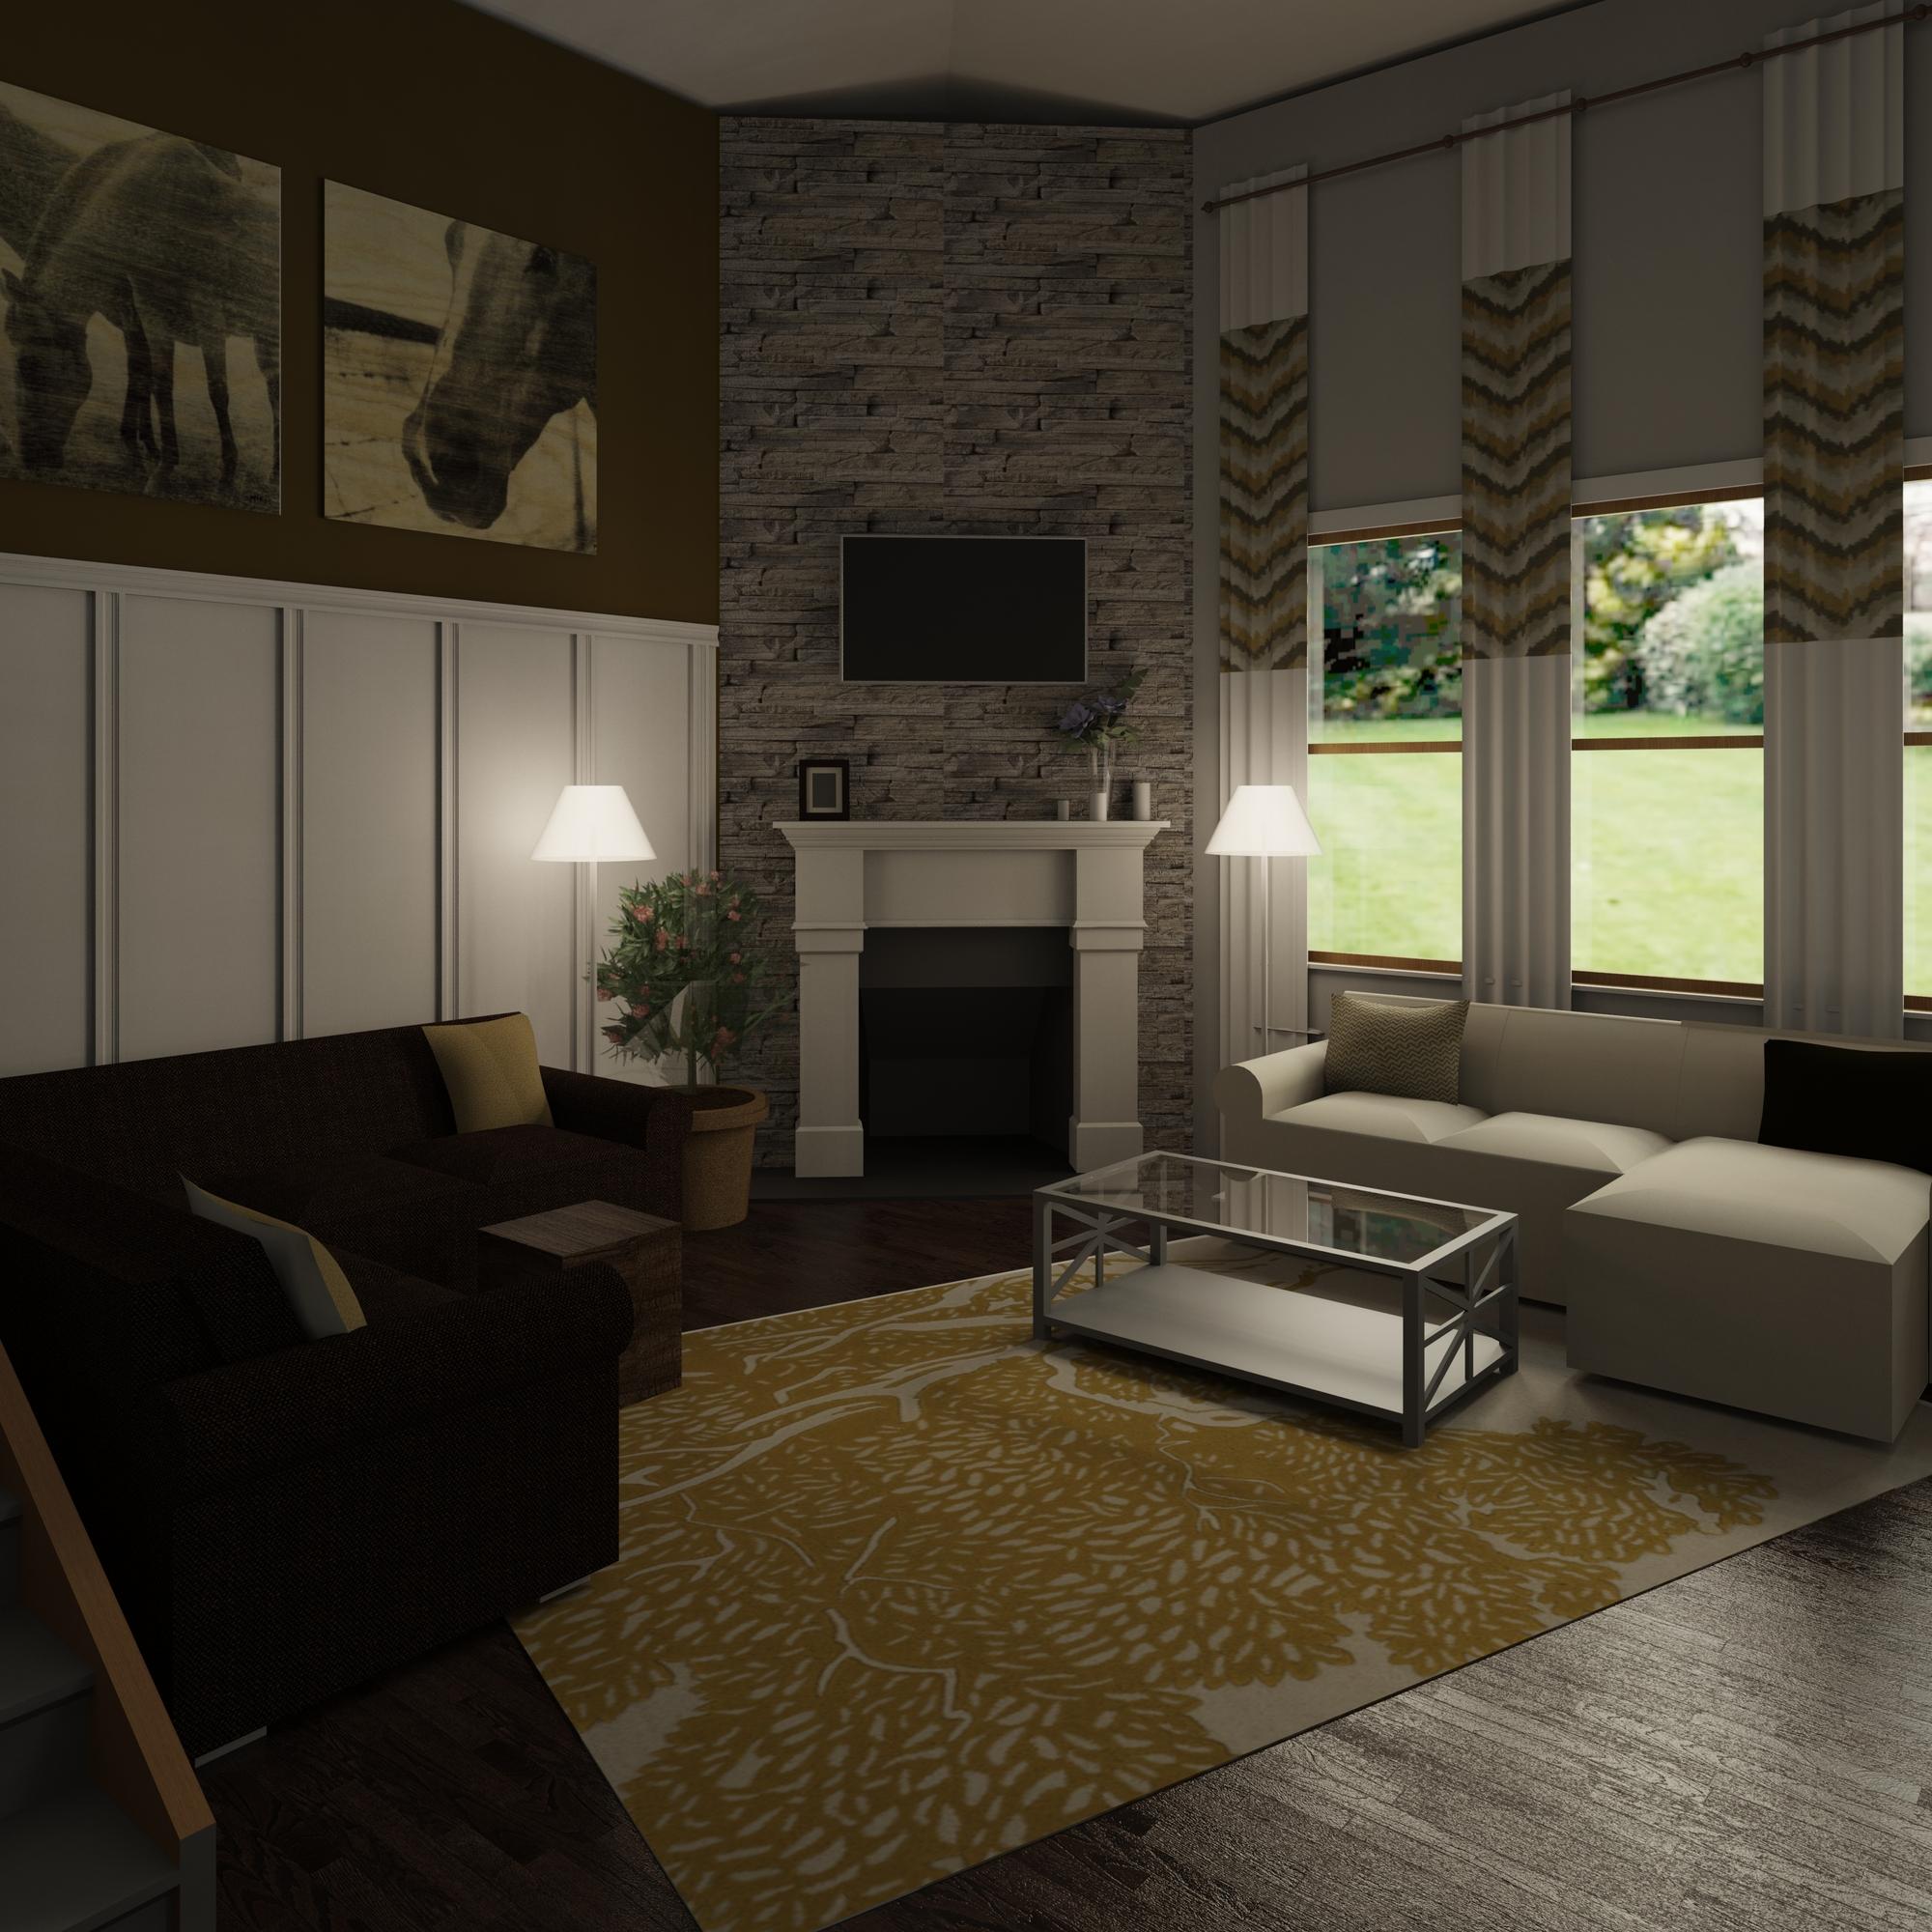 Raas-rendering20141231-8210-1lp14o4